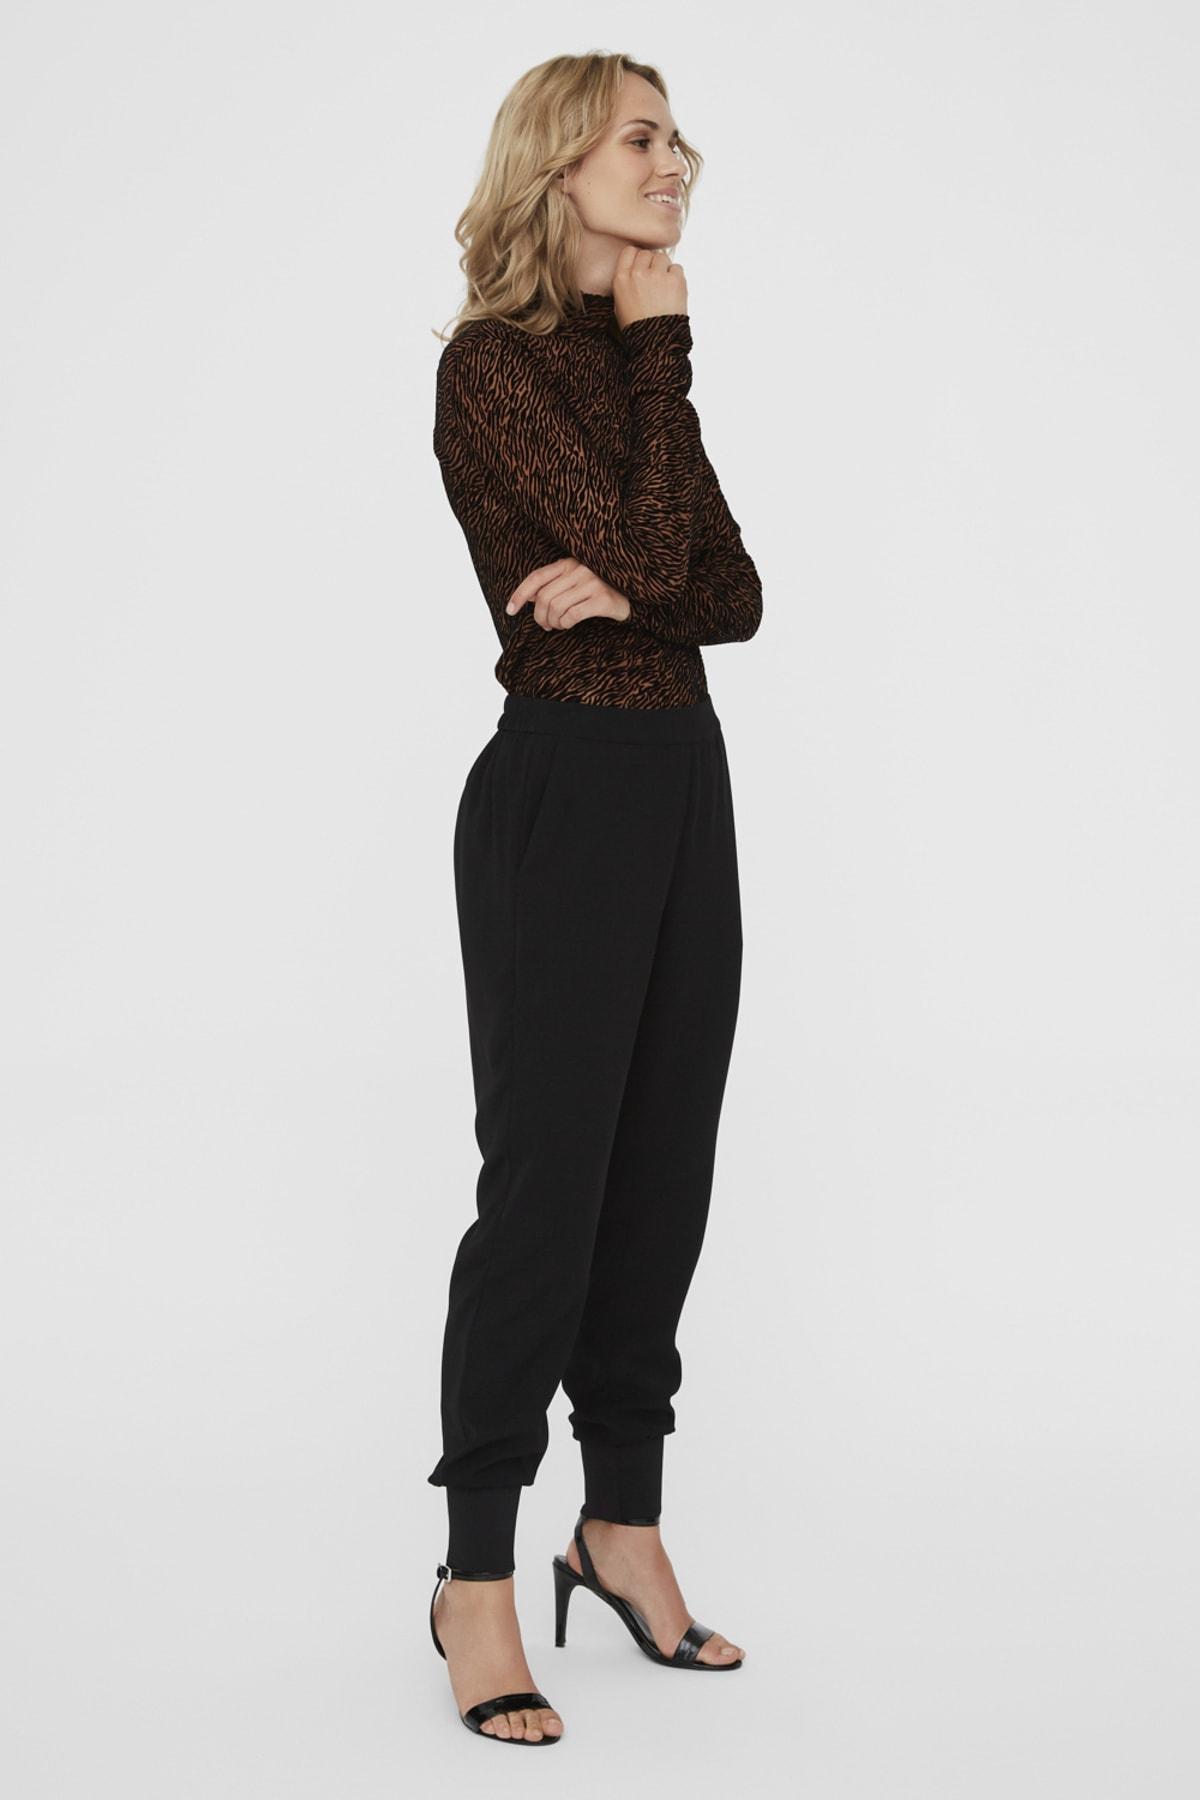 Vero Moda Kadın Siyah Paçası Kalın Ribanalı Beli Lastikli Pantolon 10222221 VMJOLLY 1